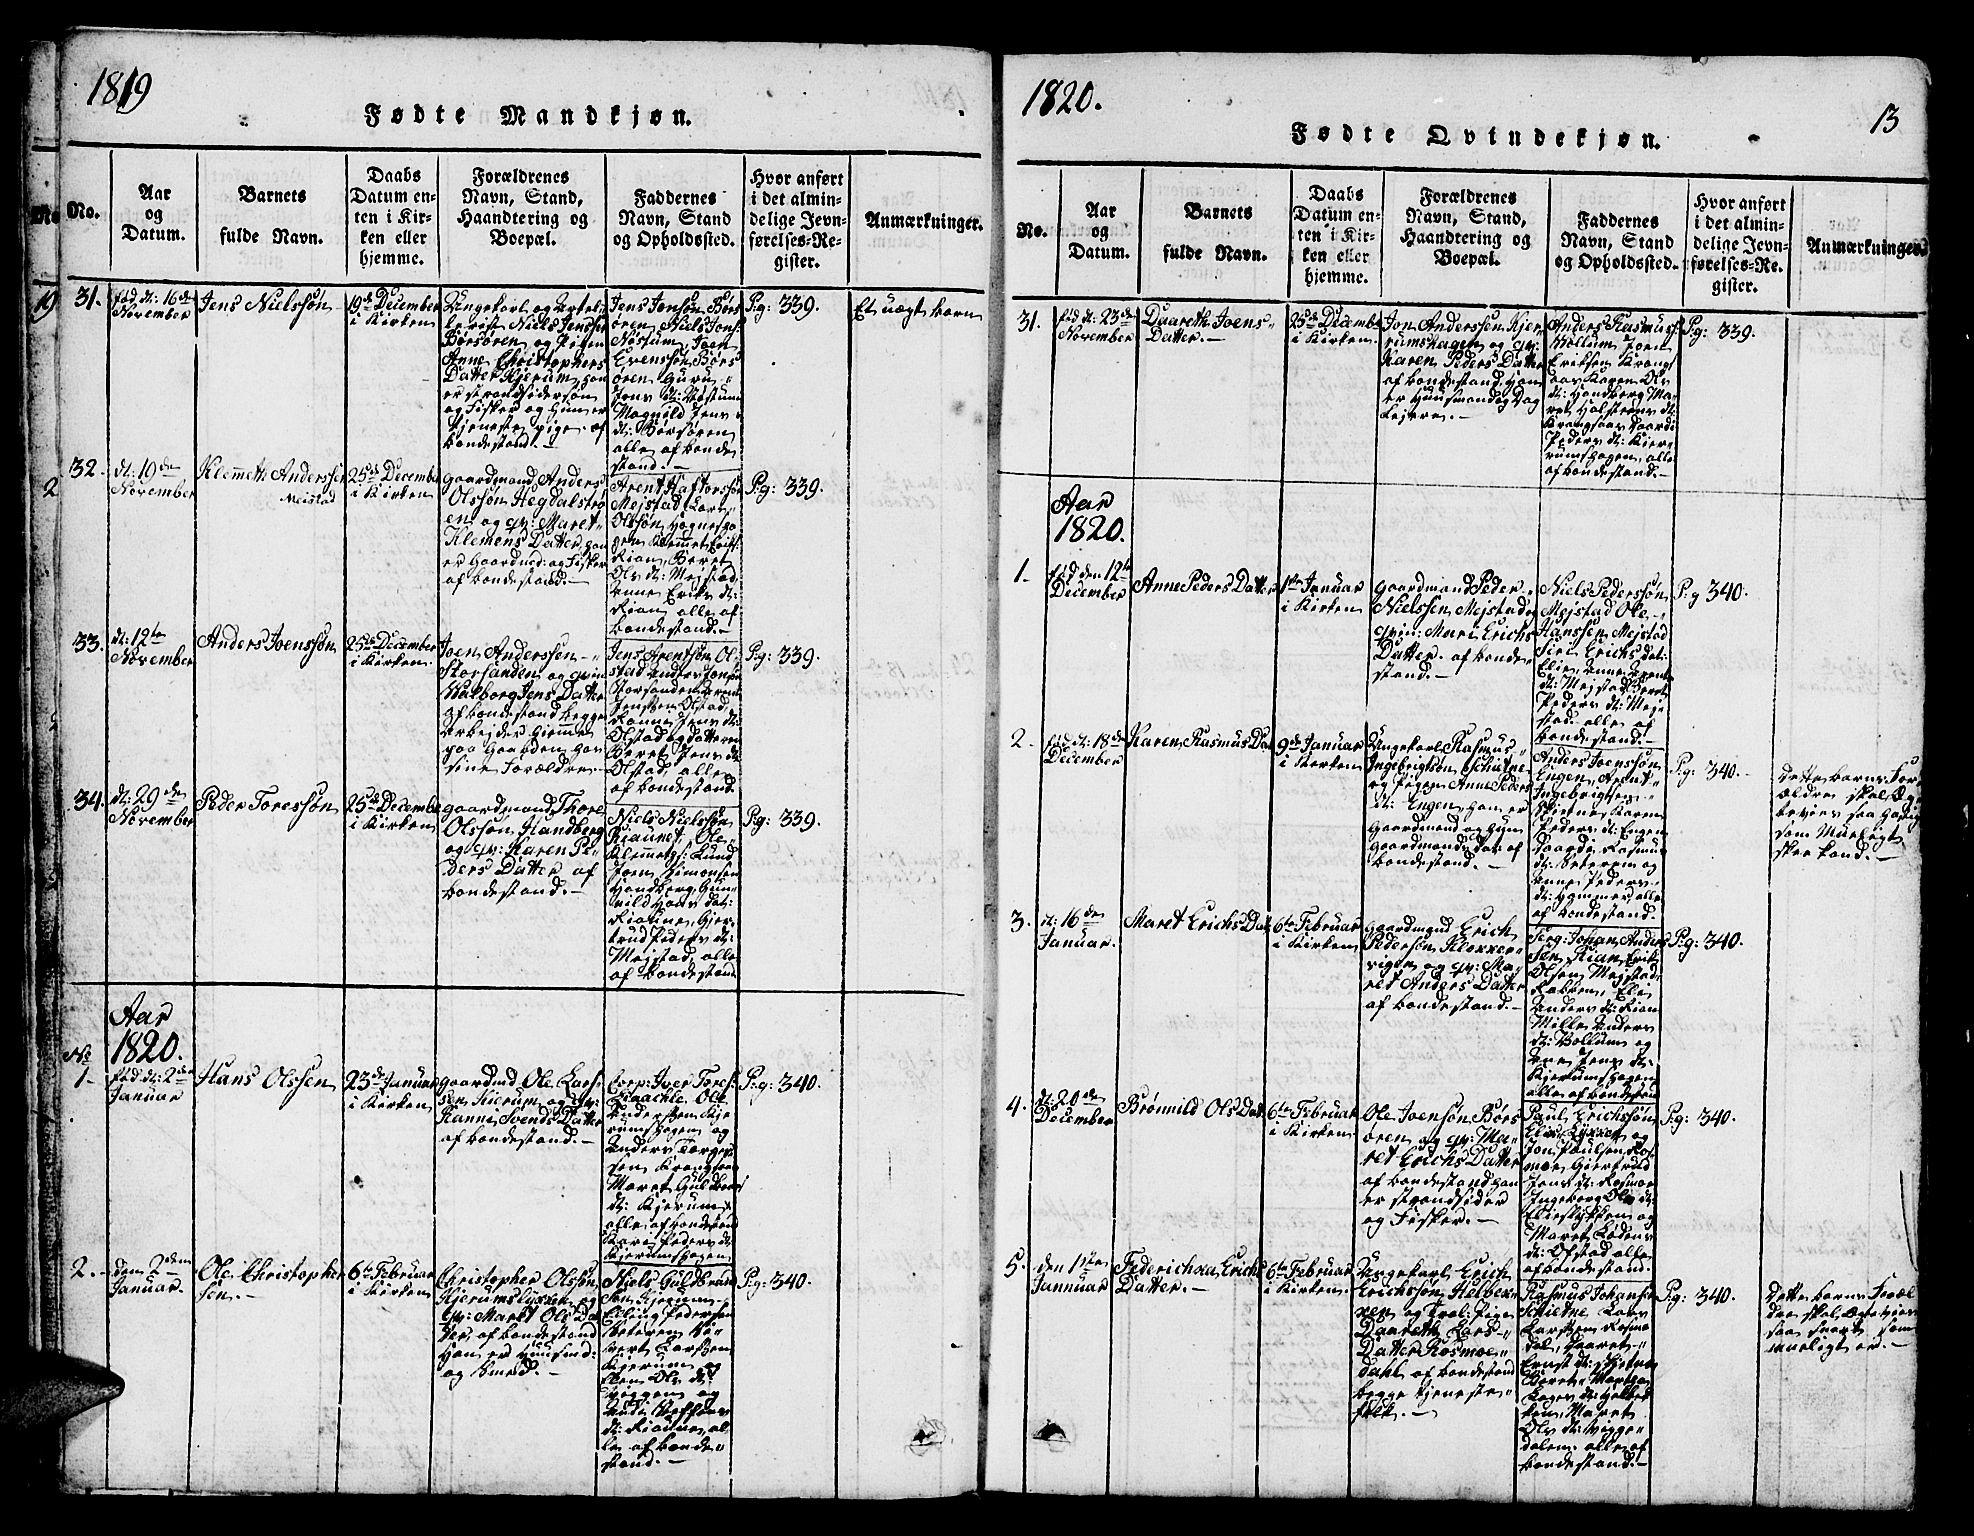 SAT, Ministerialprotokoller, klokkerbøker og fødselsregistre - Sør-Trøndelag, 665/L0776: Klokkerbok nr. 665C01, 1817-1837, s. 13